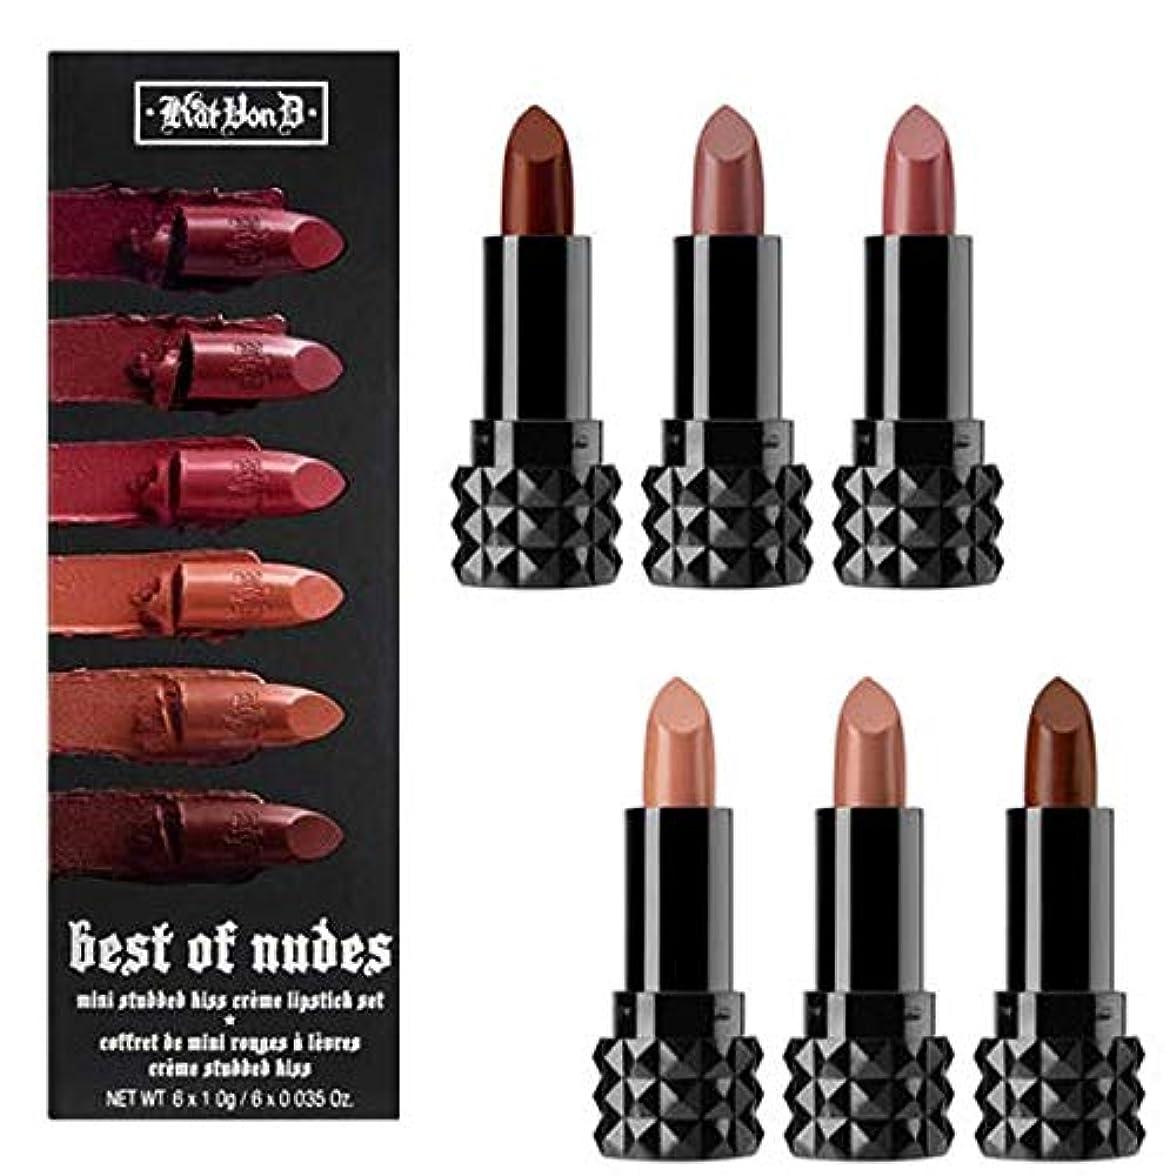 気づかない火山診療所Kat Von D キャットヴォンD, 限定版 Best of Nudes Mini ミニ Studded Kiss Crème Lipstick Set [並行輸入品] [海外直送品]